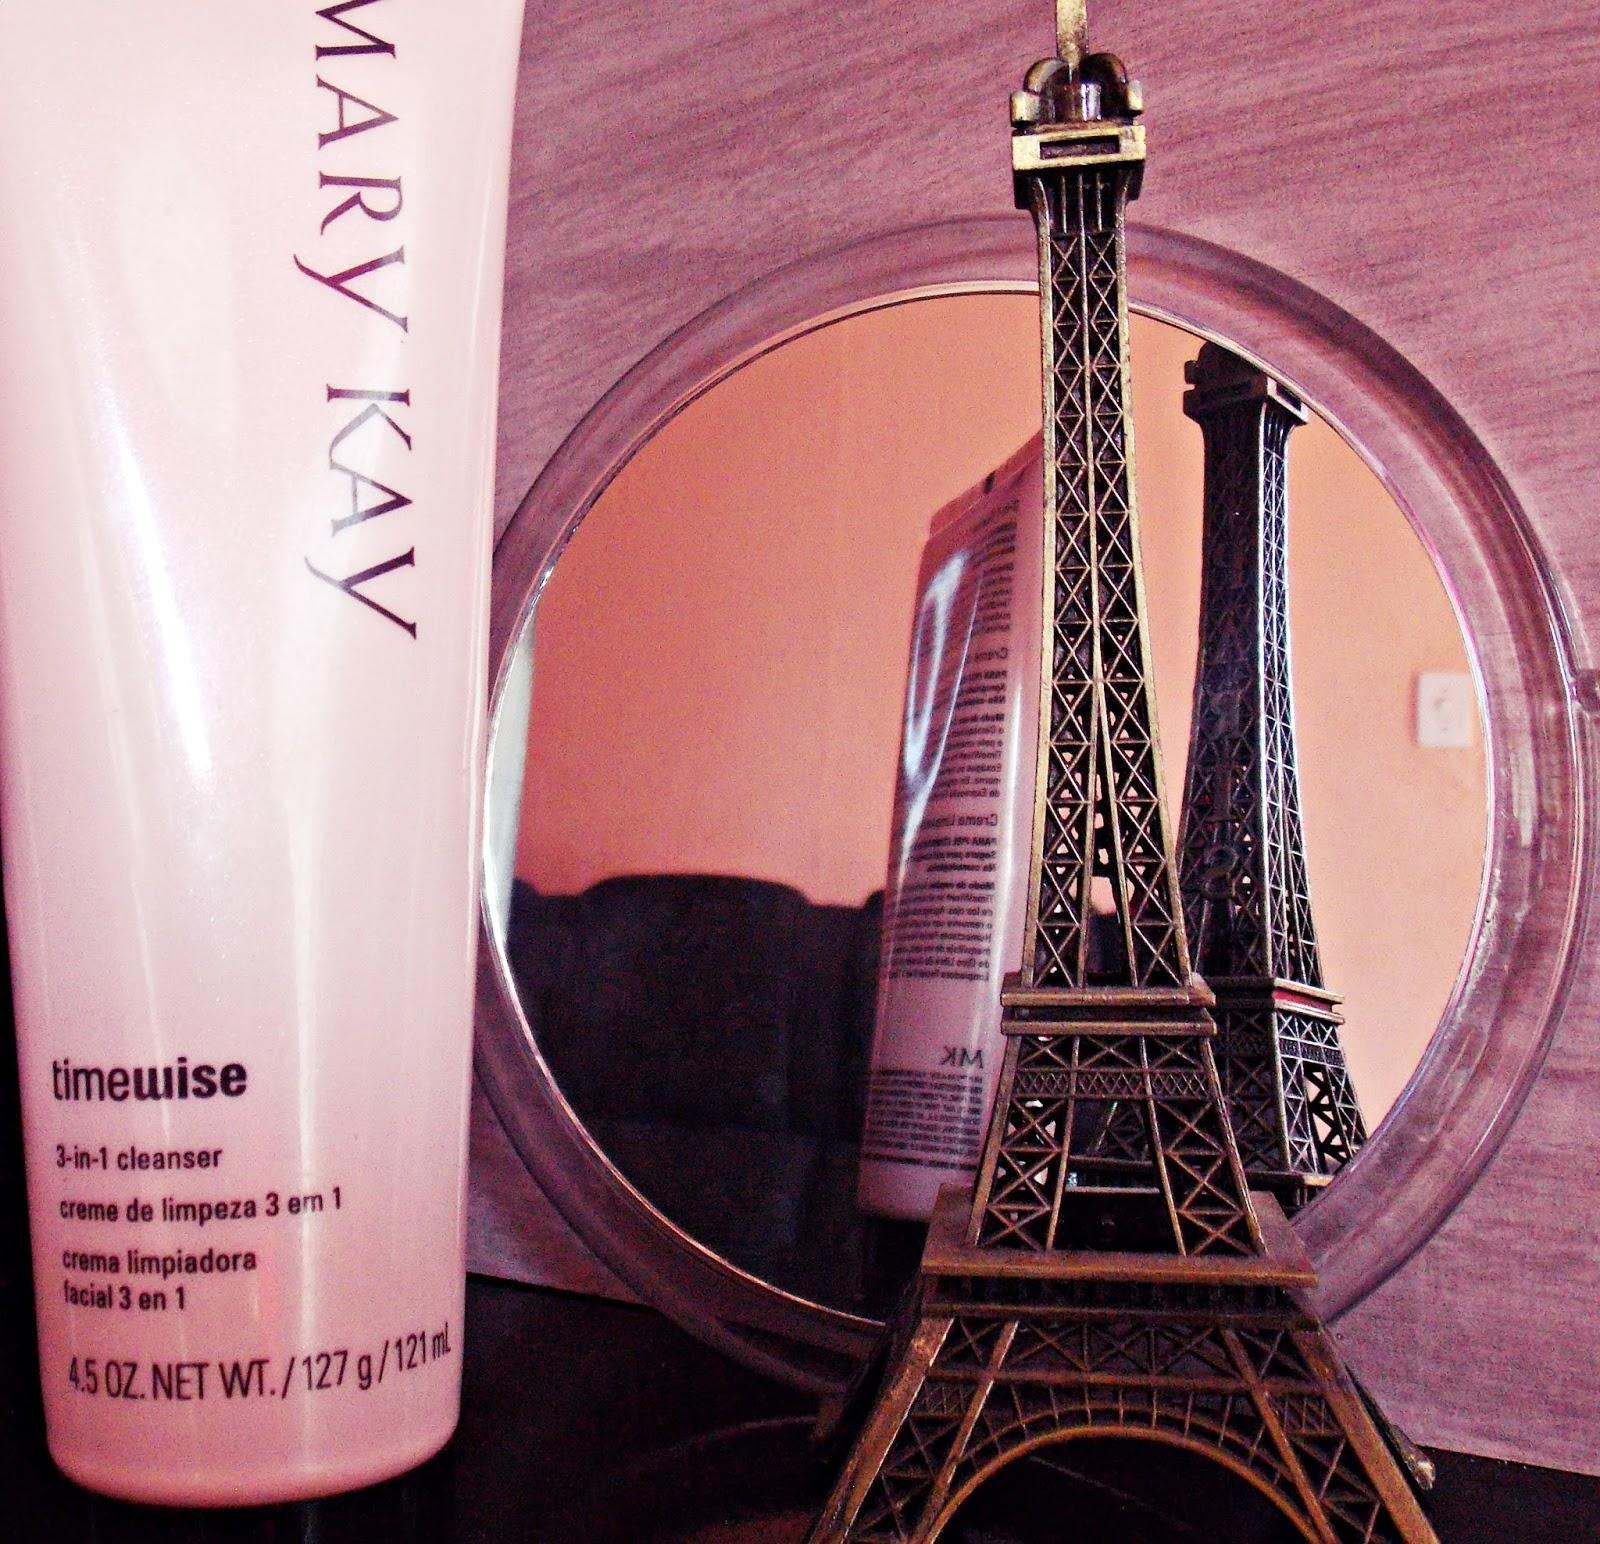 Produtos para limpeza de pele - TimeWise 3 em 1 Mary Kay